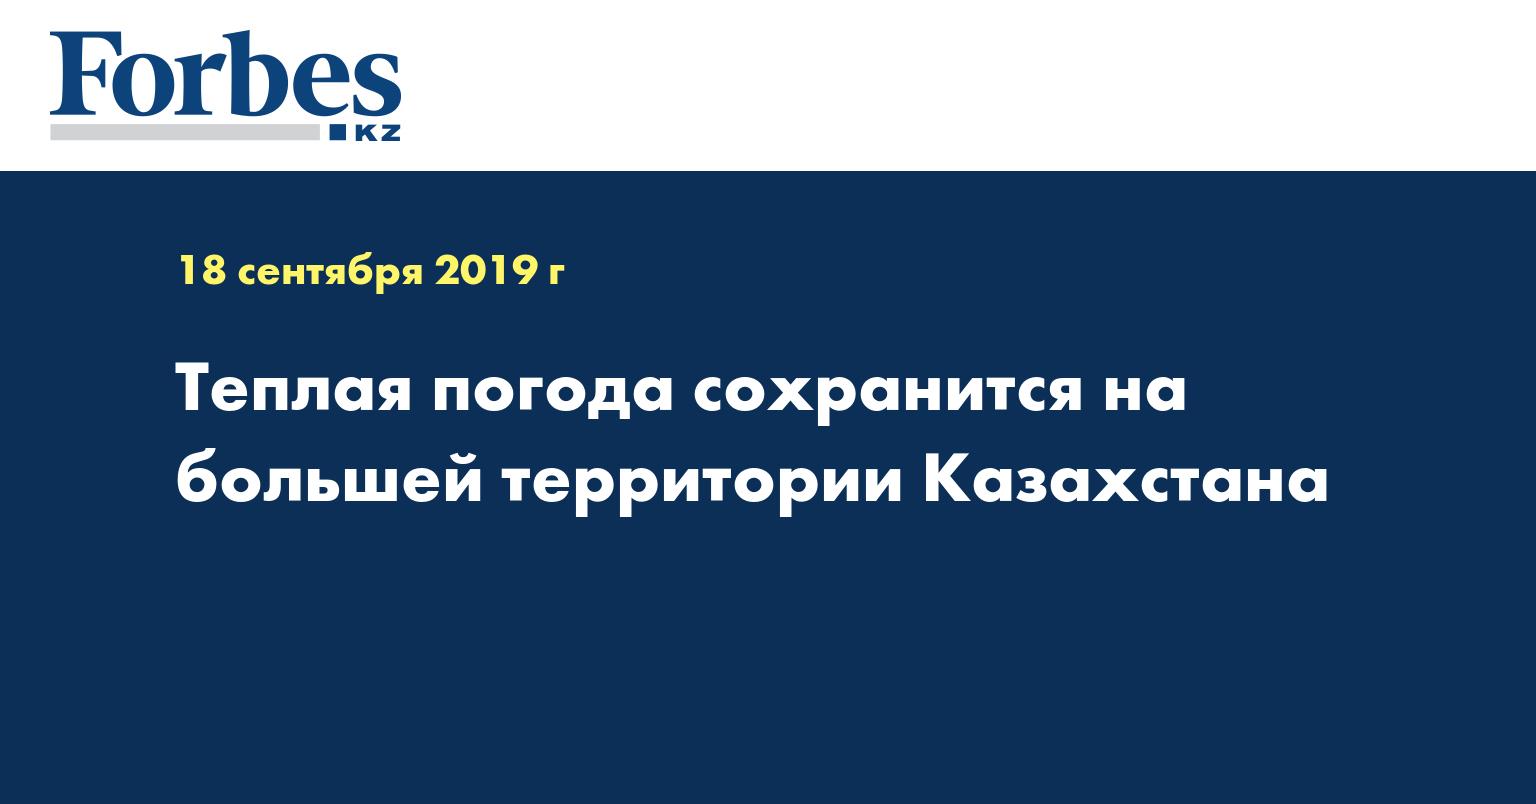 Теплая погода сохранится на большей территории Казахстана